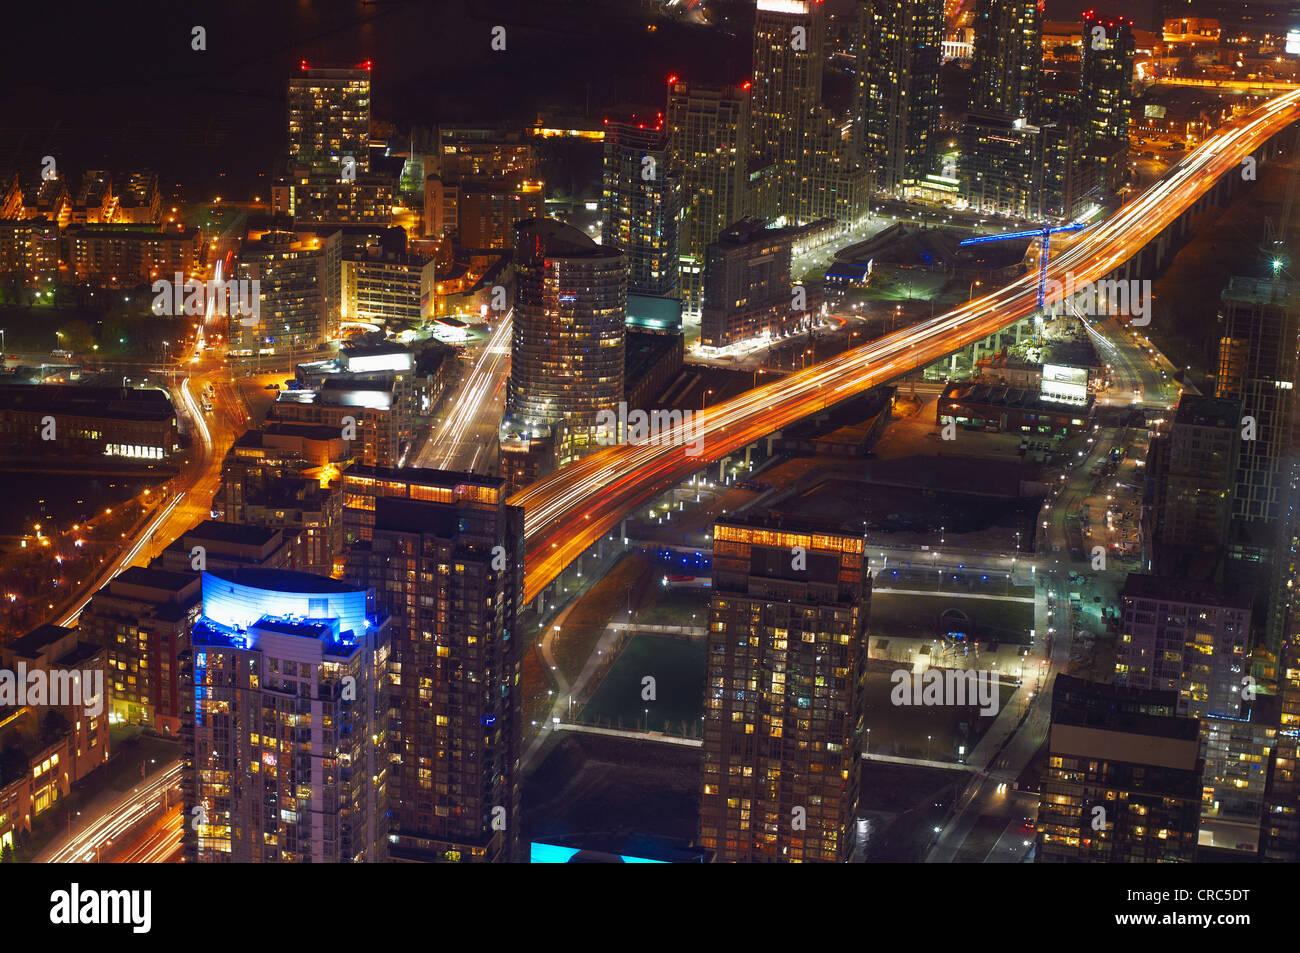 Vista aérea de Toronto iluminado durante la noche Imagen De Stock